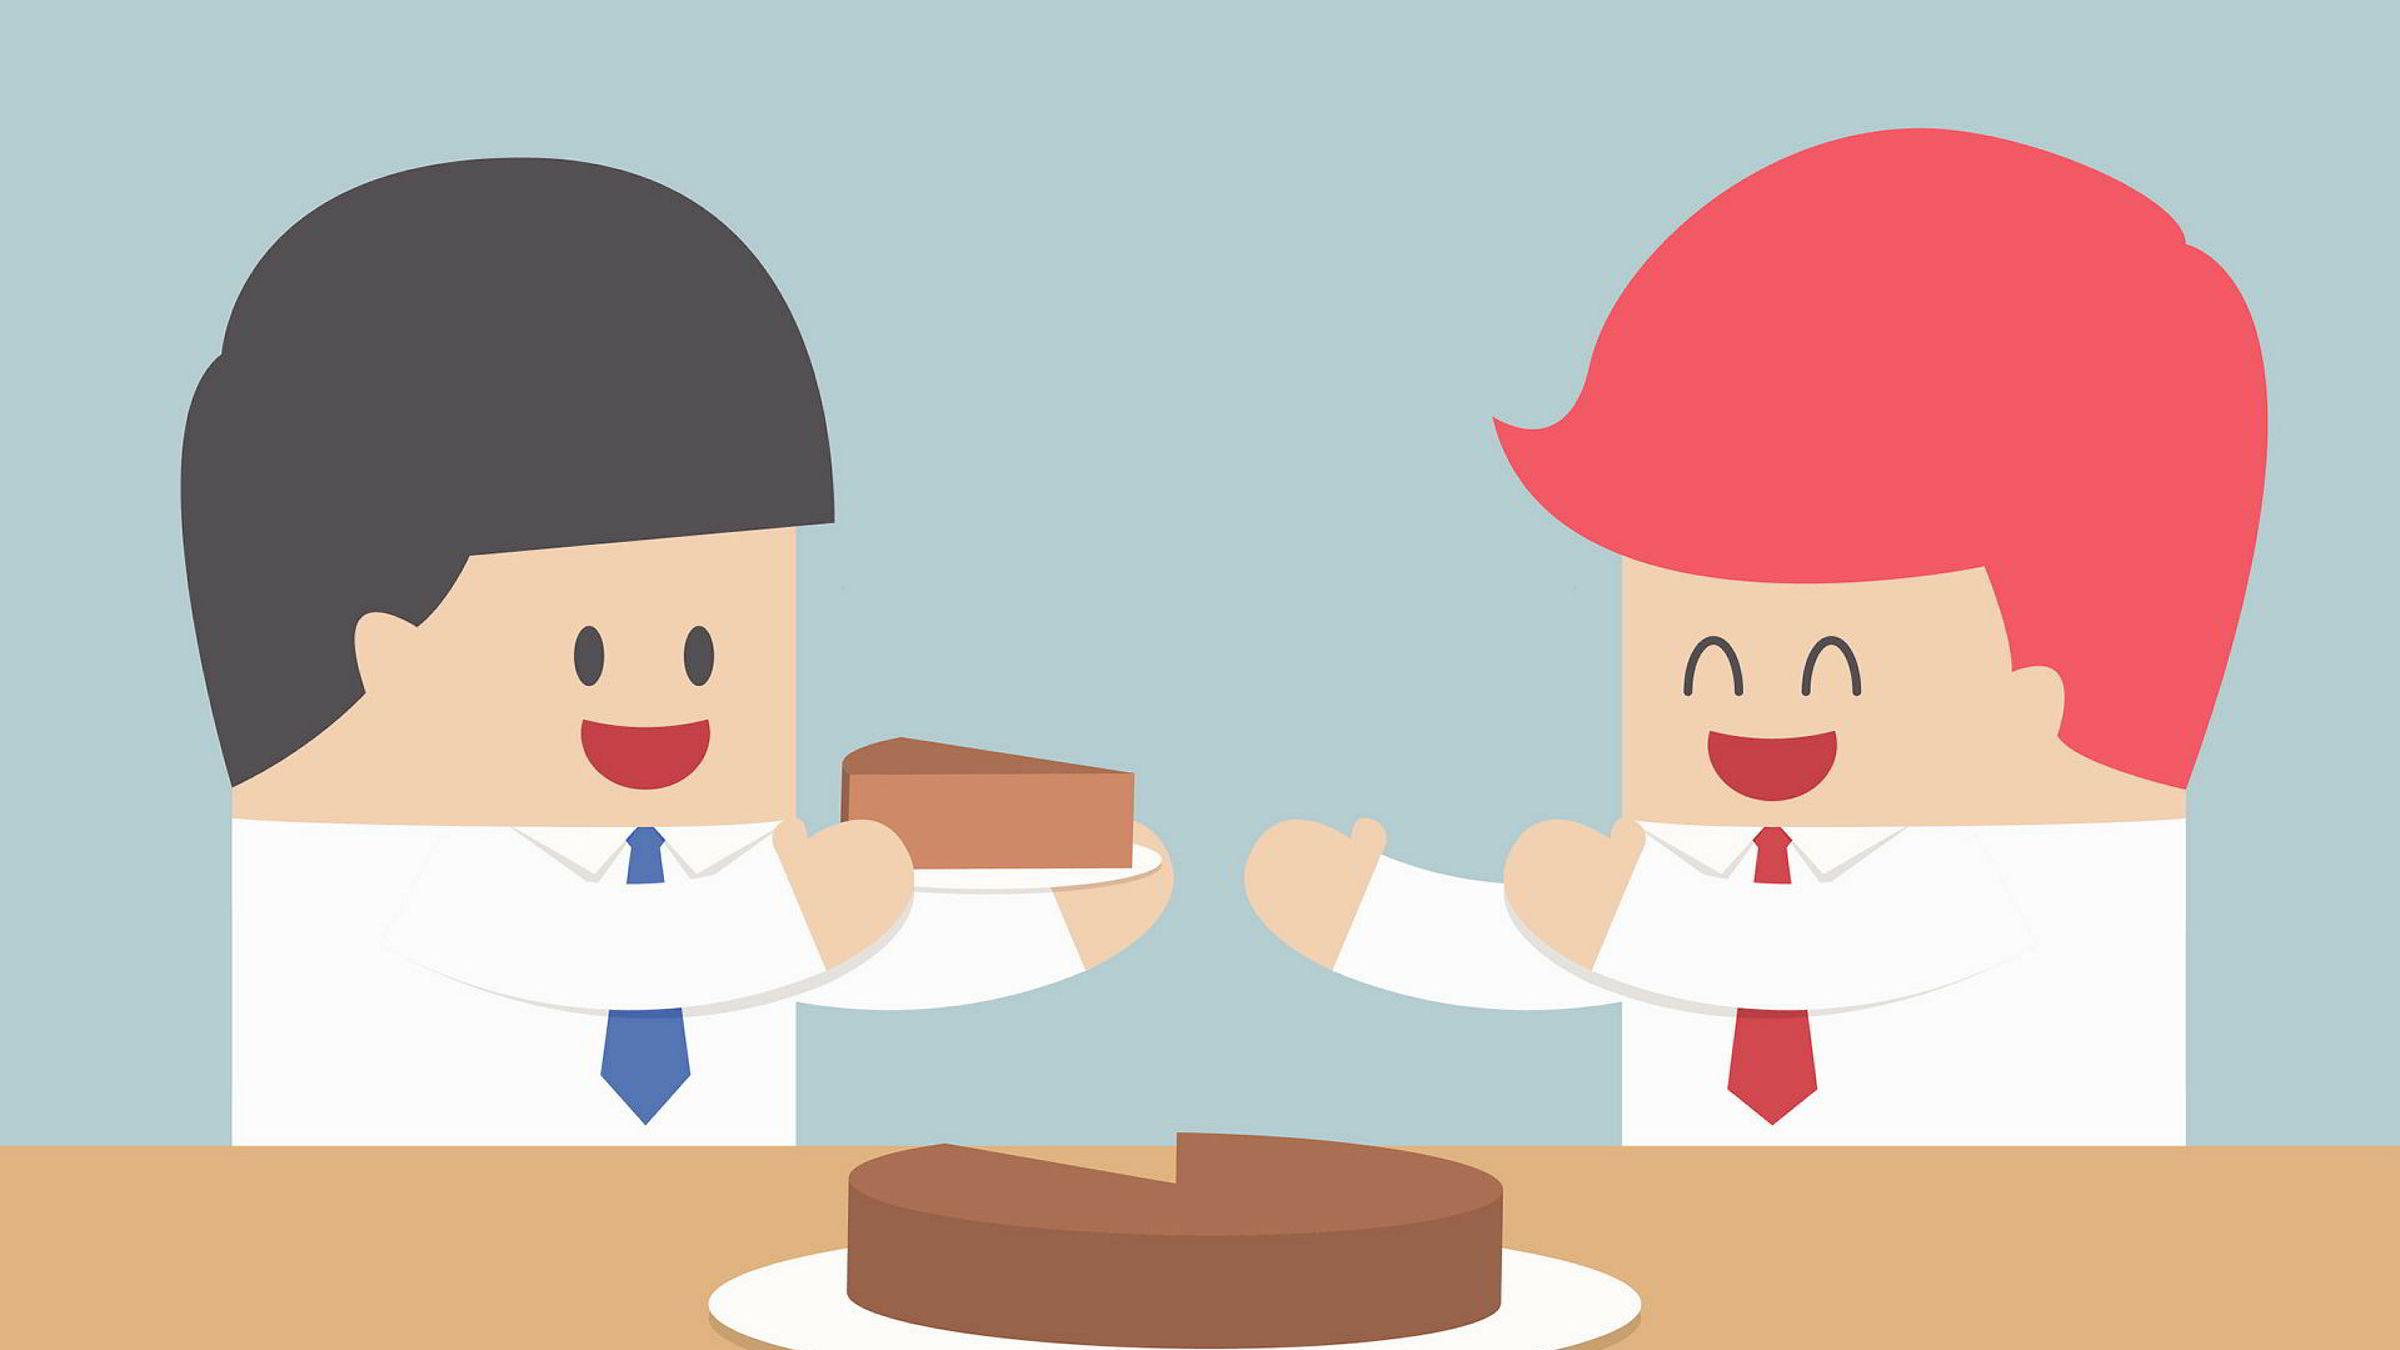 Mindre kake? Ja takk, gjerne det, bare begge får like lite. Åtte av ti nordmenn foretrekker det slik.